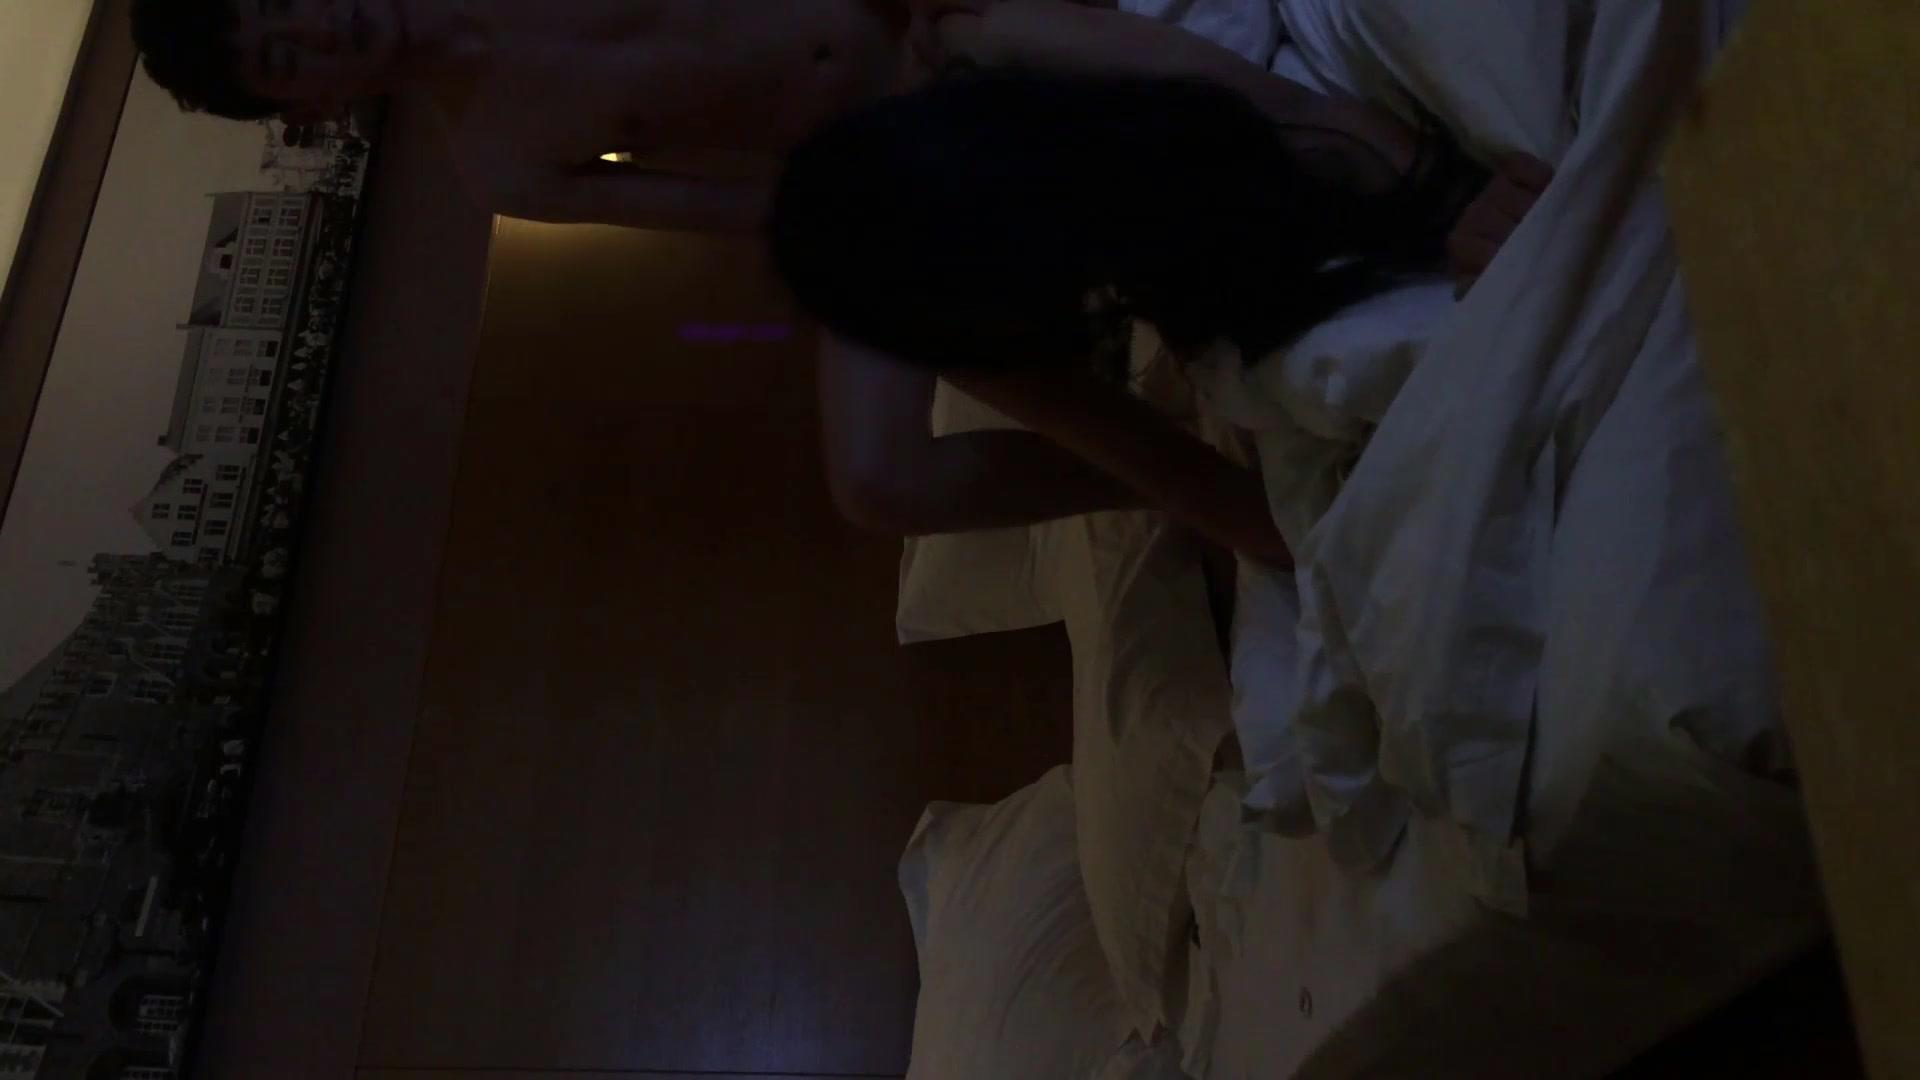 女友闺蜜最近被男友甩了,背着女朋友偷偷约她出来酒店开房啪啪把她从失恋中解救出来